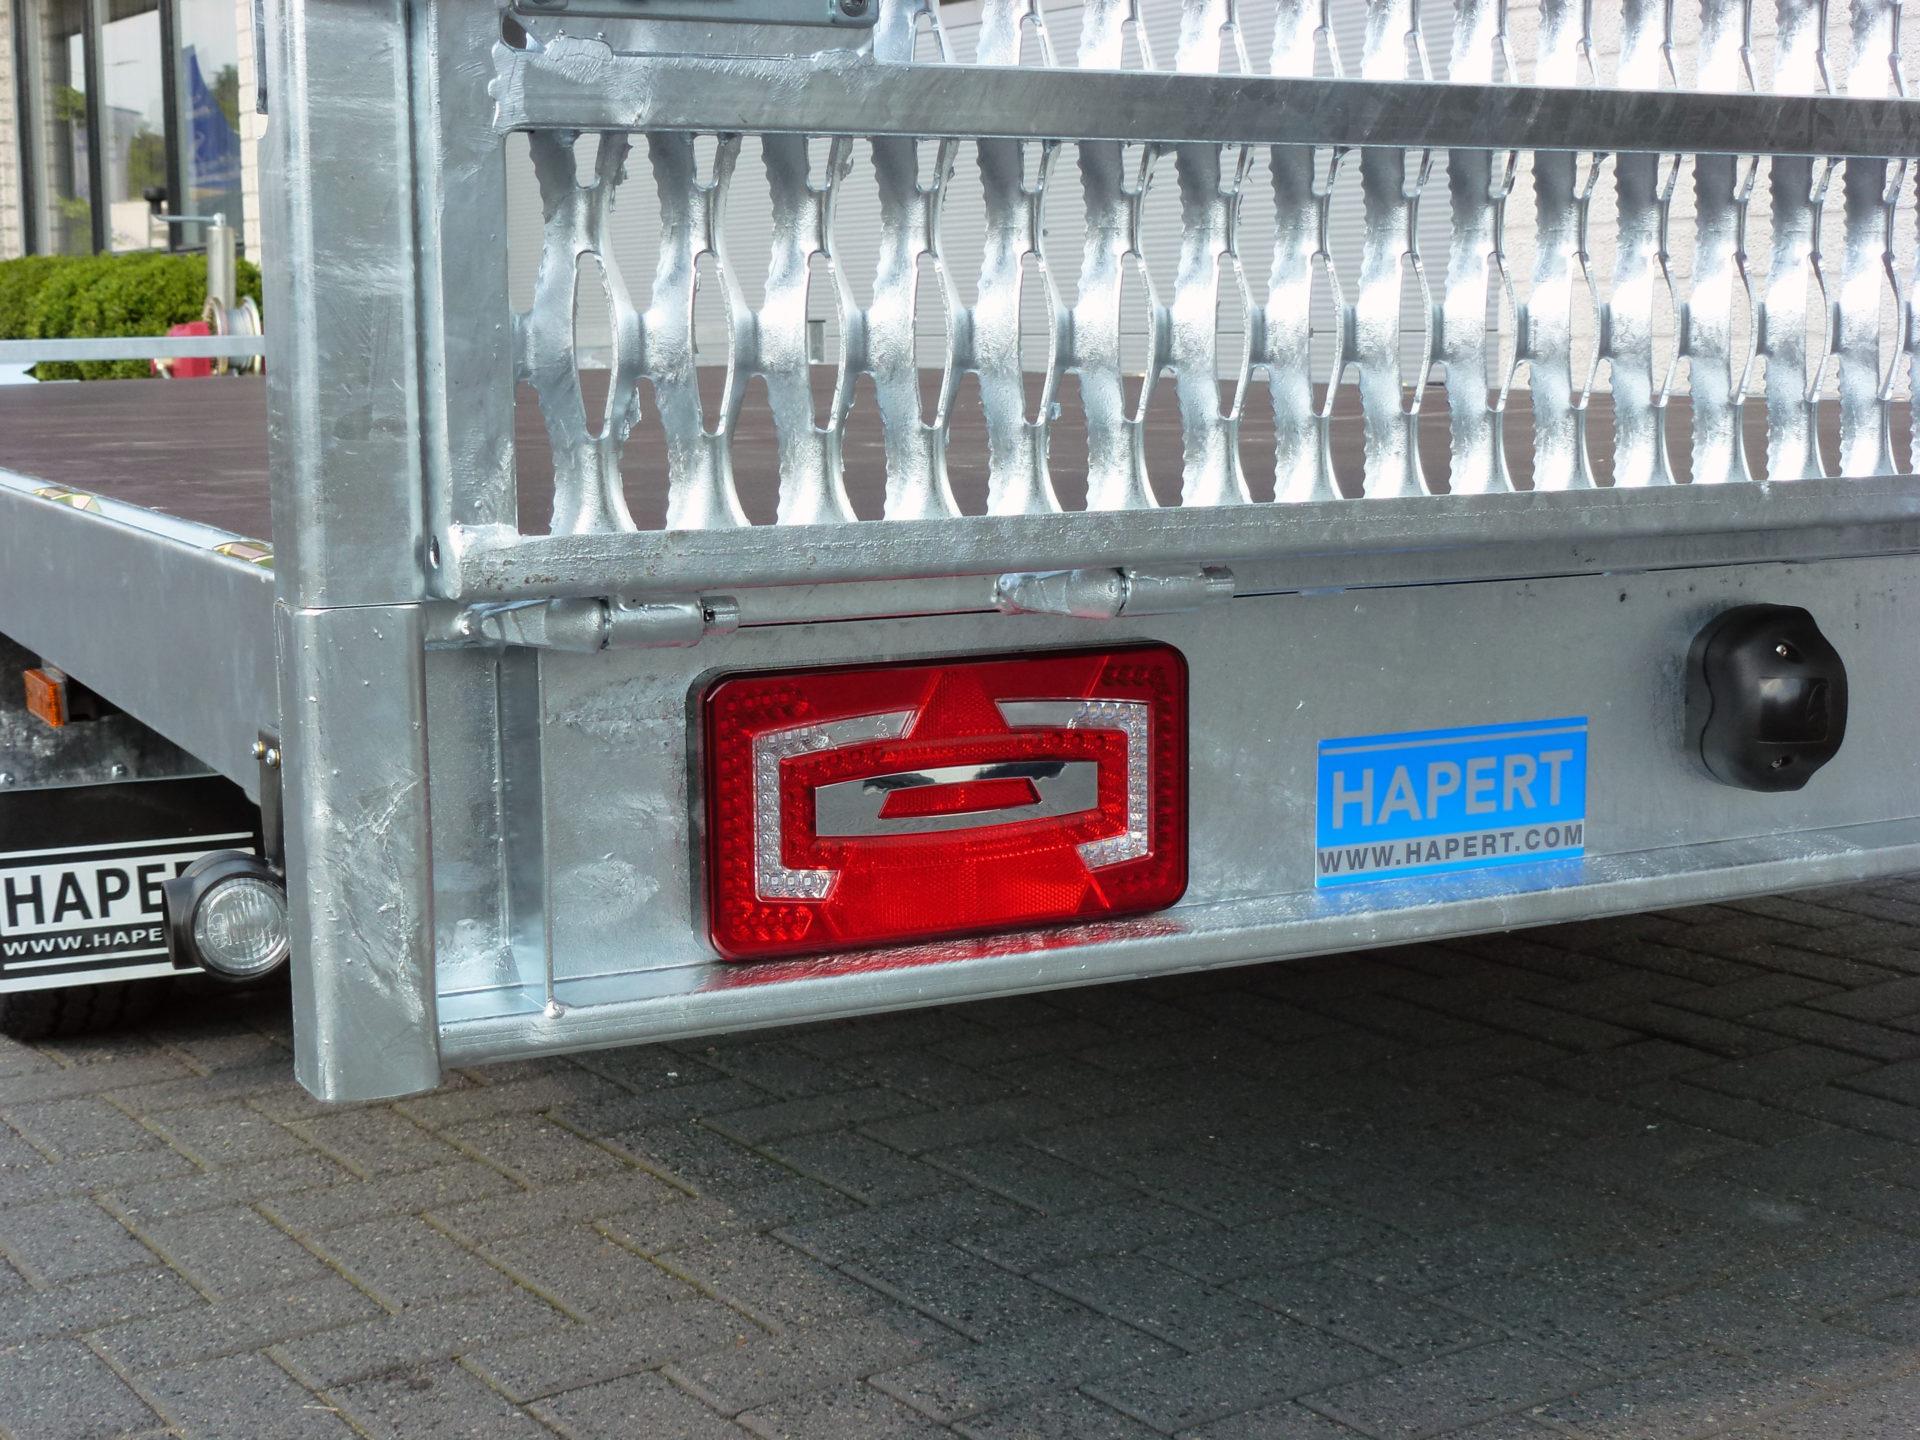 Led Lampen Aanhangwagen : Verlichting u cluistra aanhangwagens veenendaal